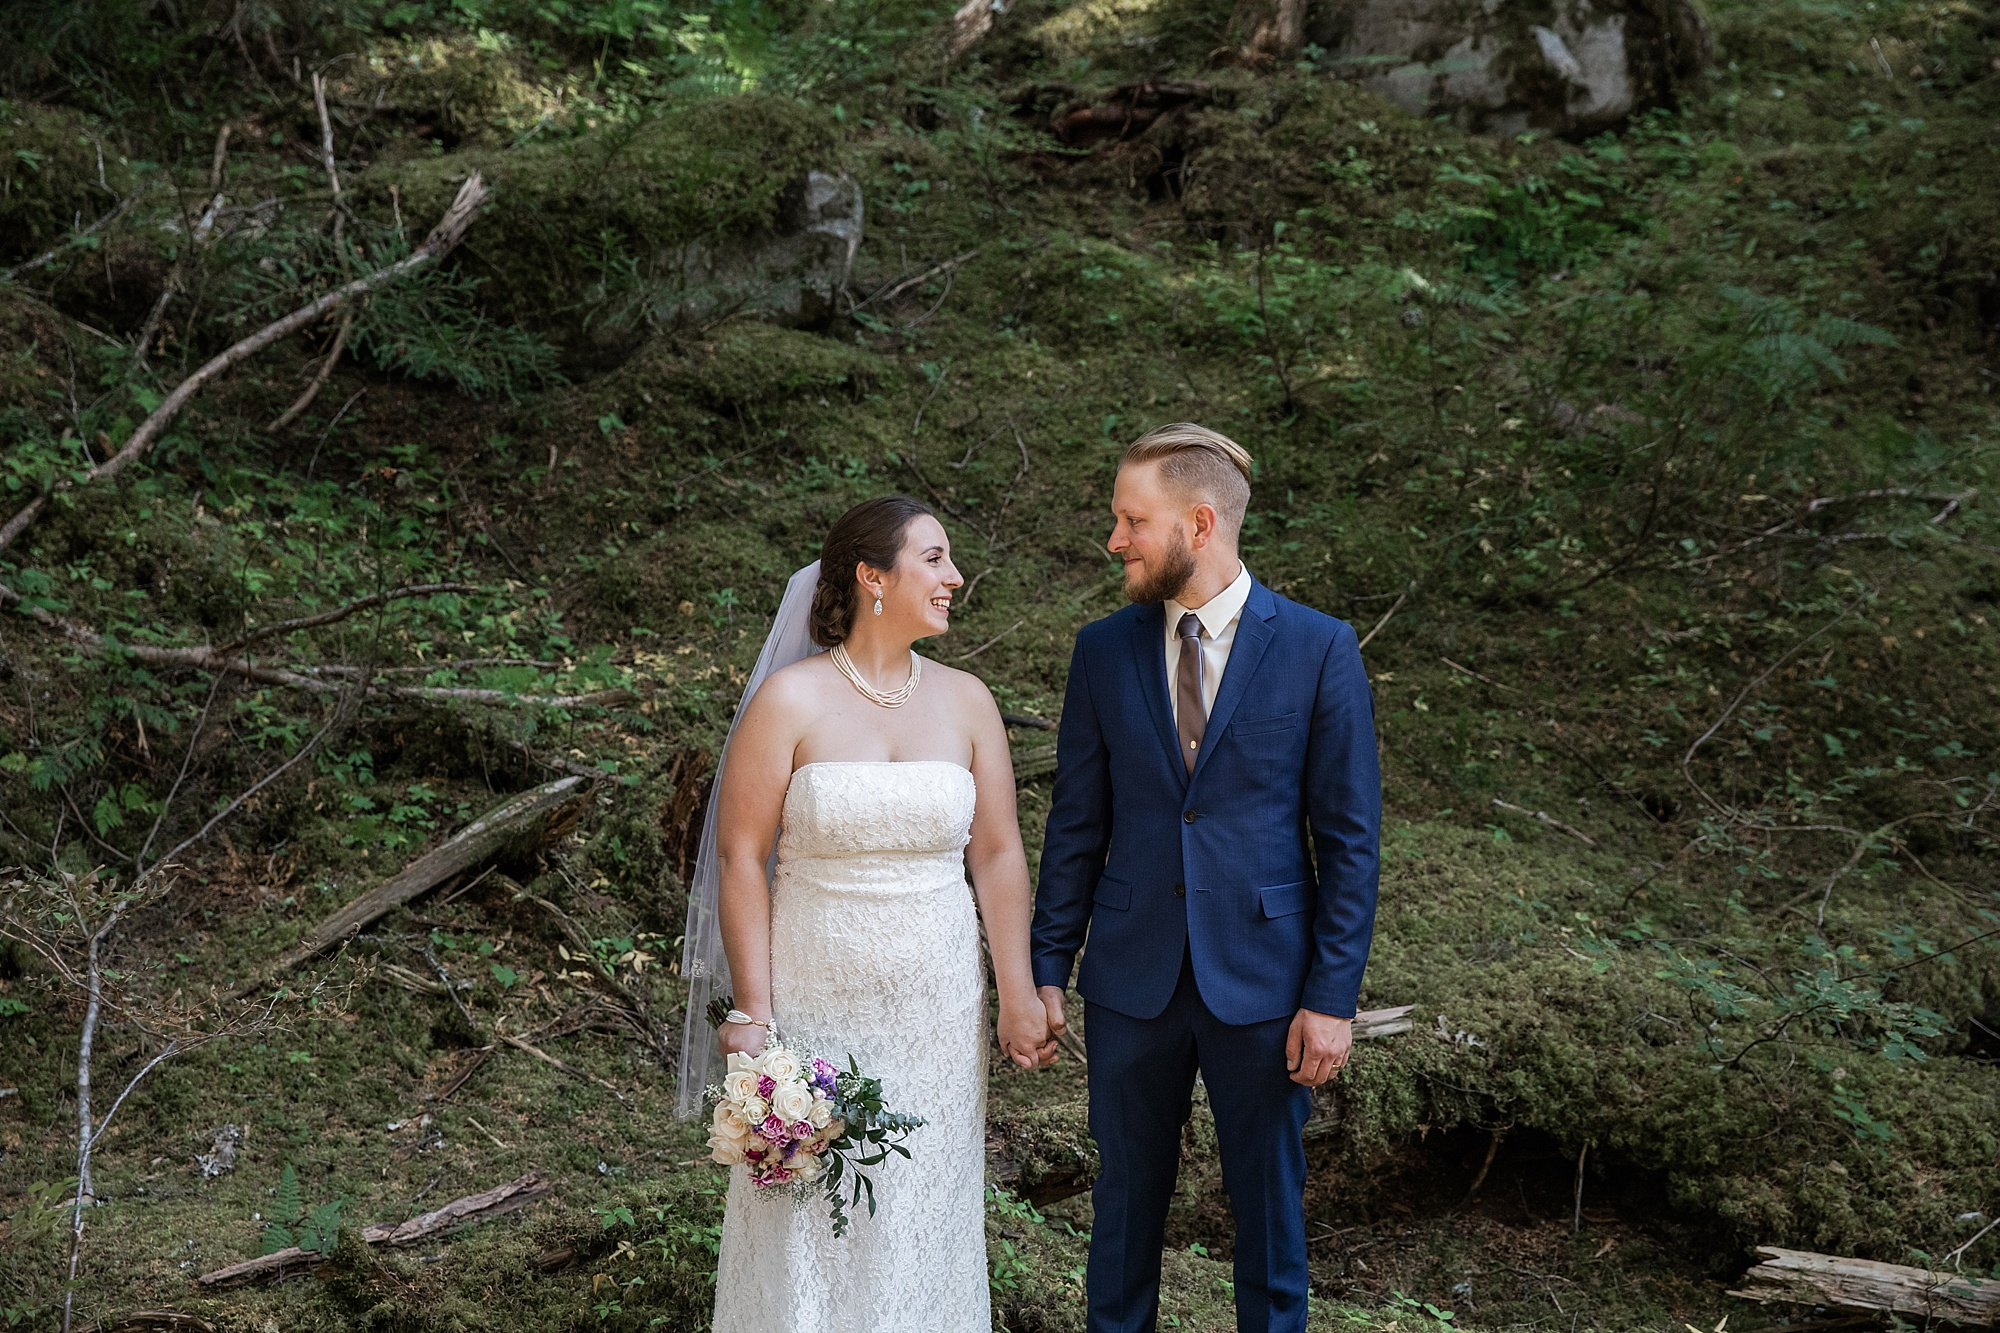 nakusp-wedding-photographer_0043.jpg